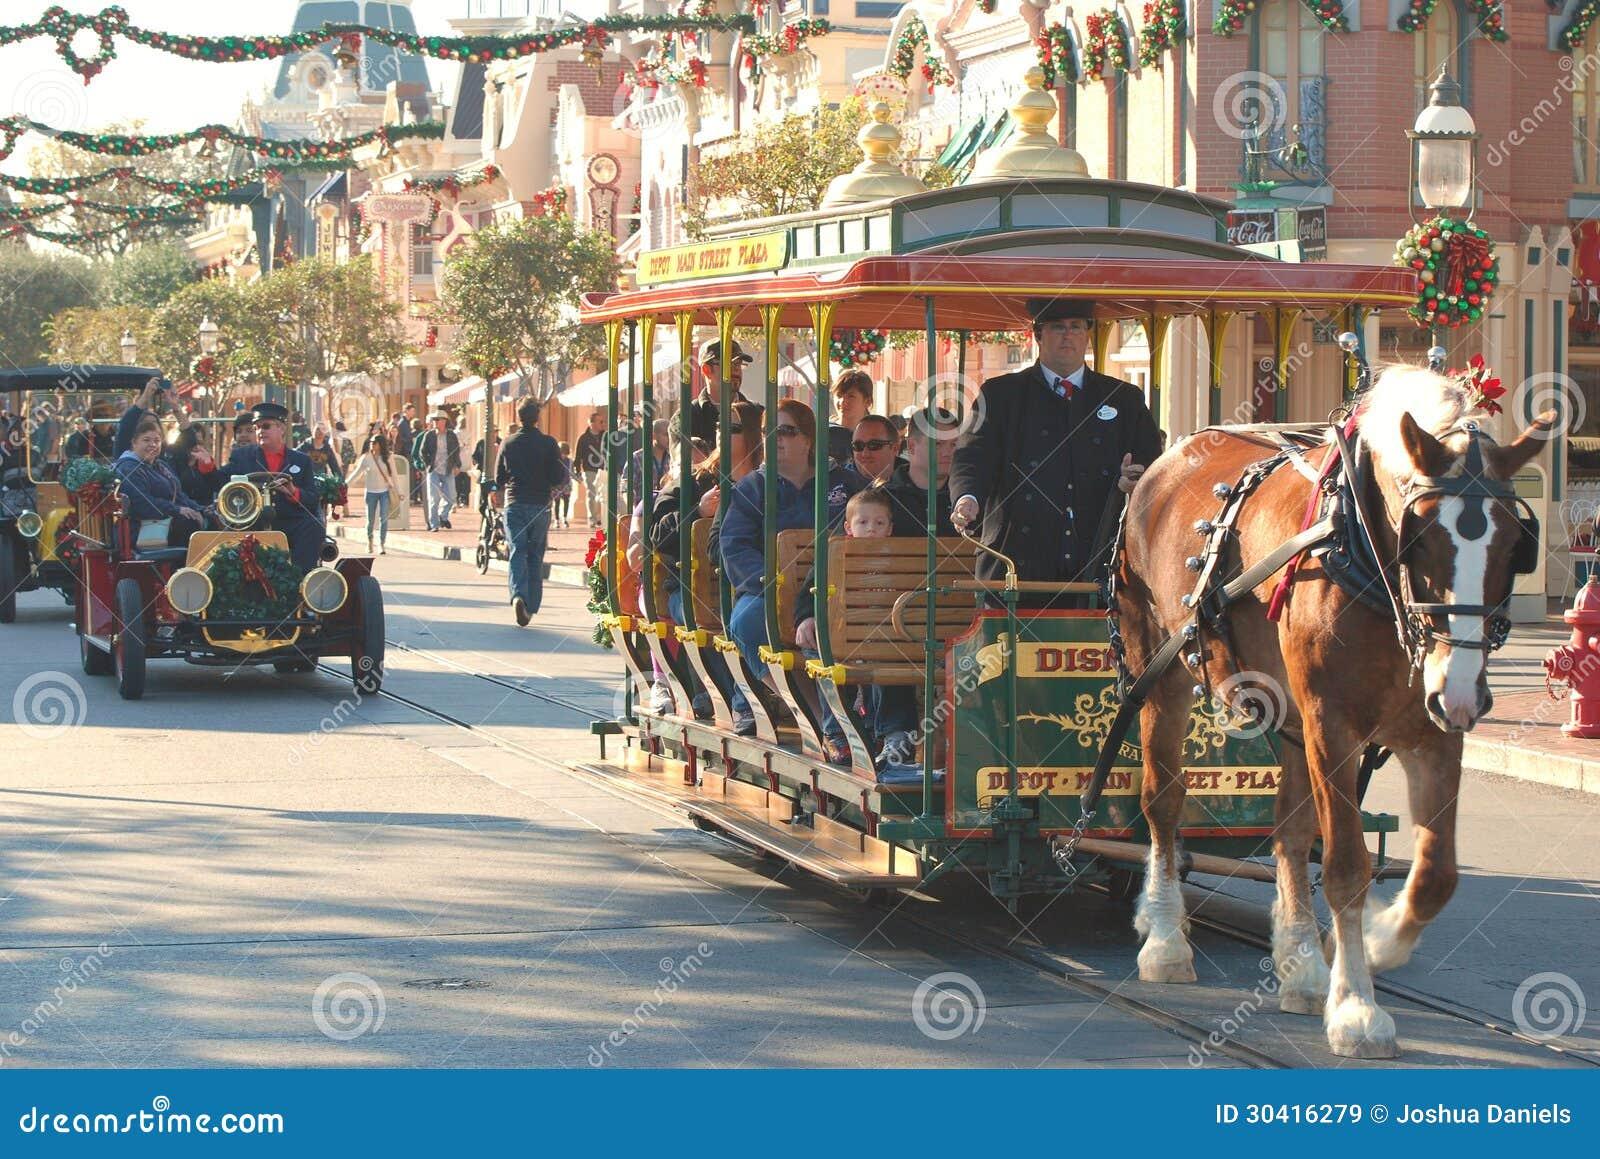 Huvudsaklig gata på Disneyland, Kalifornien